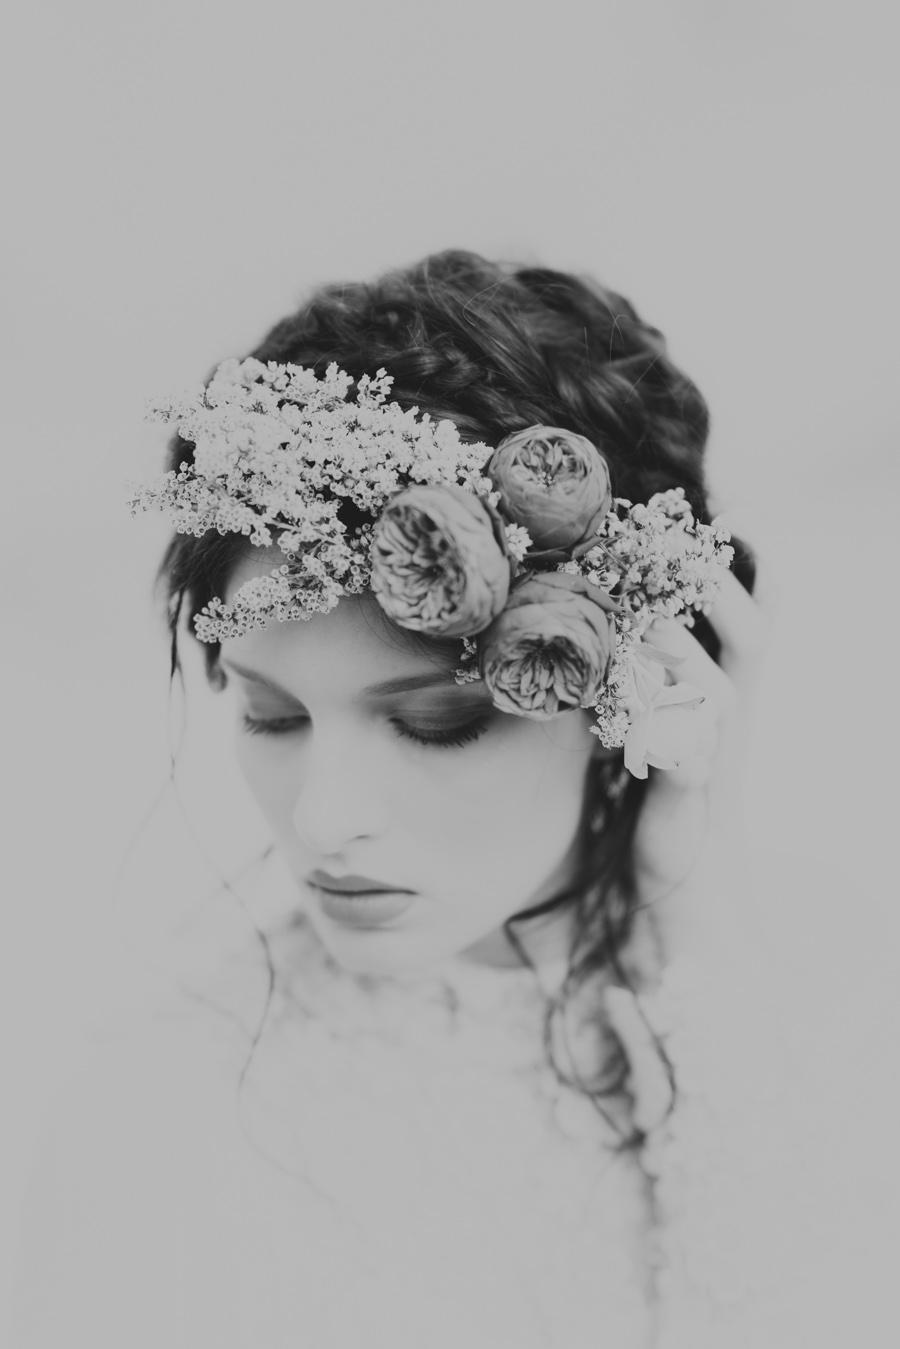 #funkybirdphotography #weddingintuscany #weddinginitaly #weddingphotographerintuscany #milos_dokmanovic #weddingphotographerinflorence